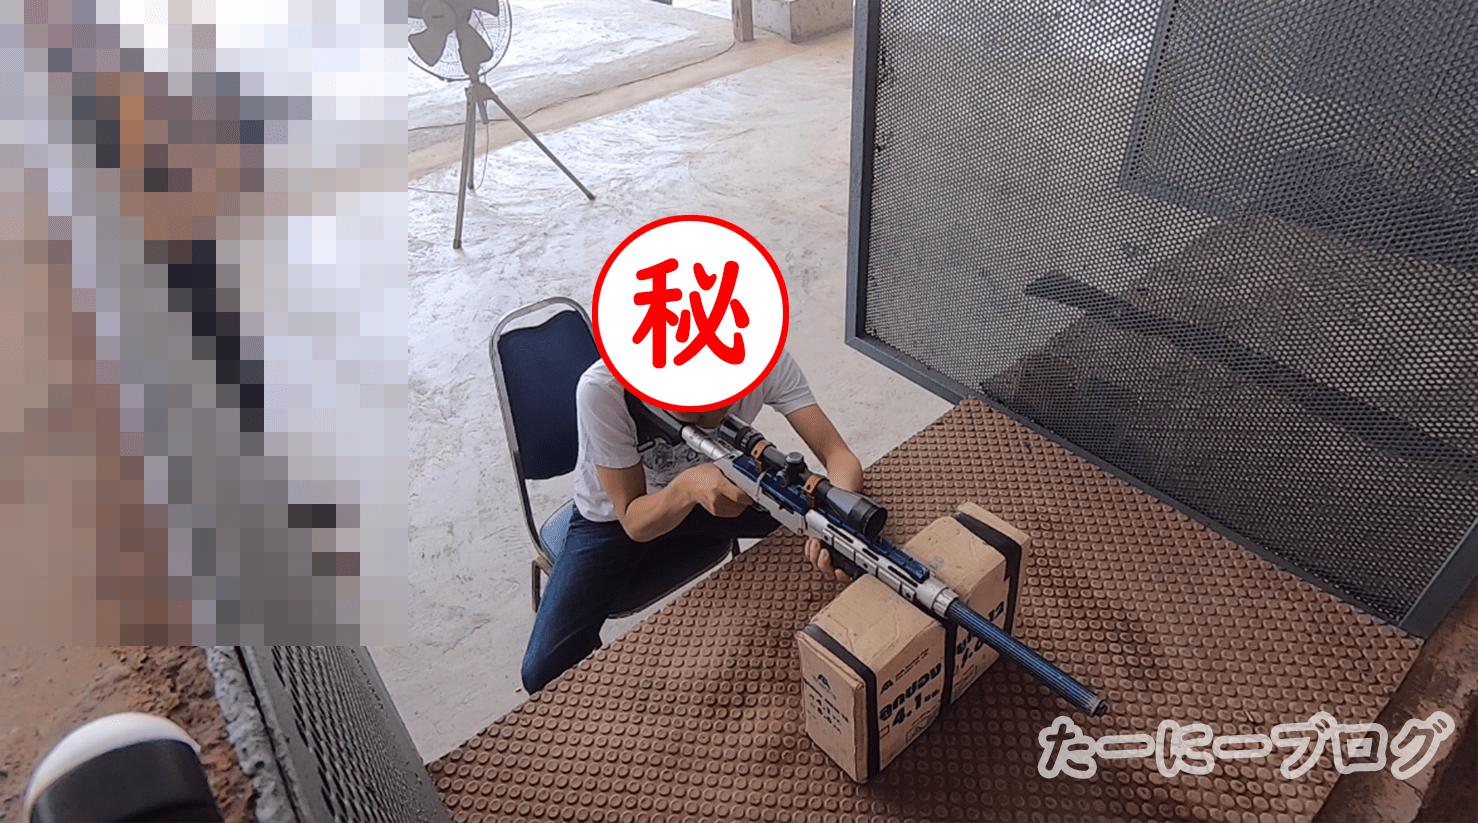 実弾銃スナイパー